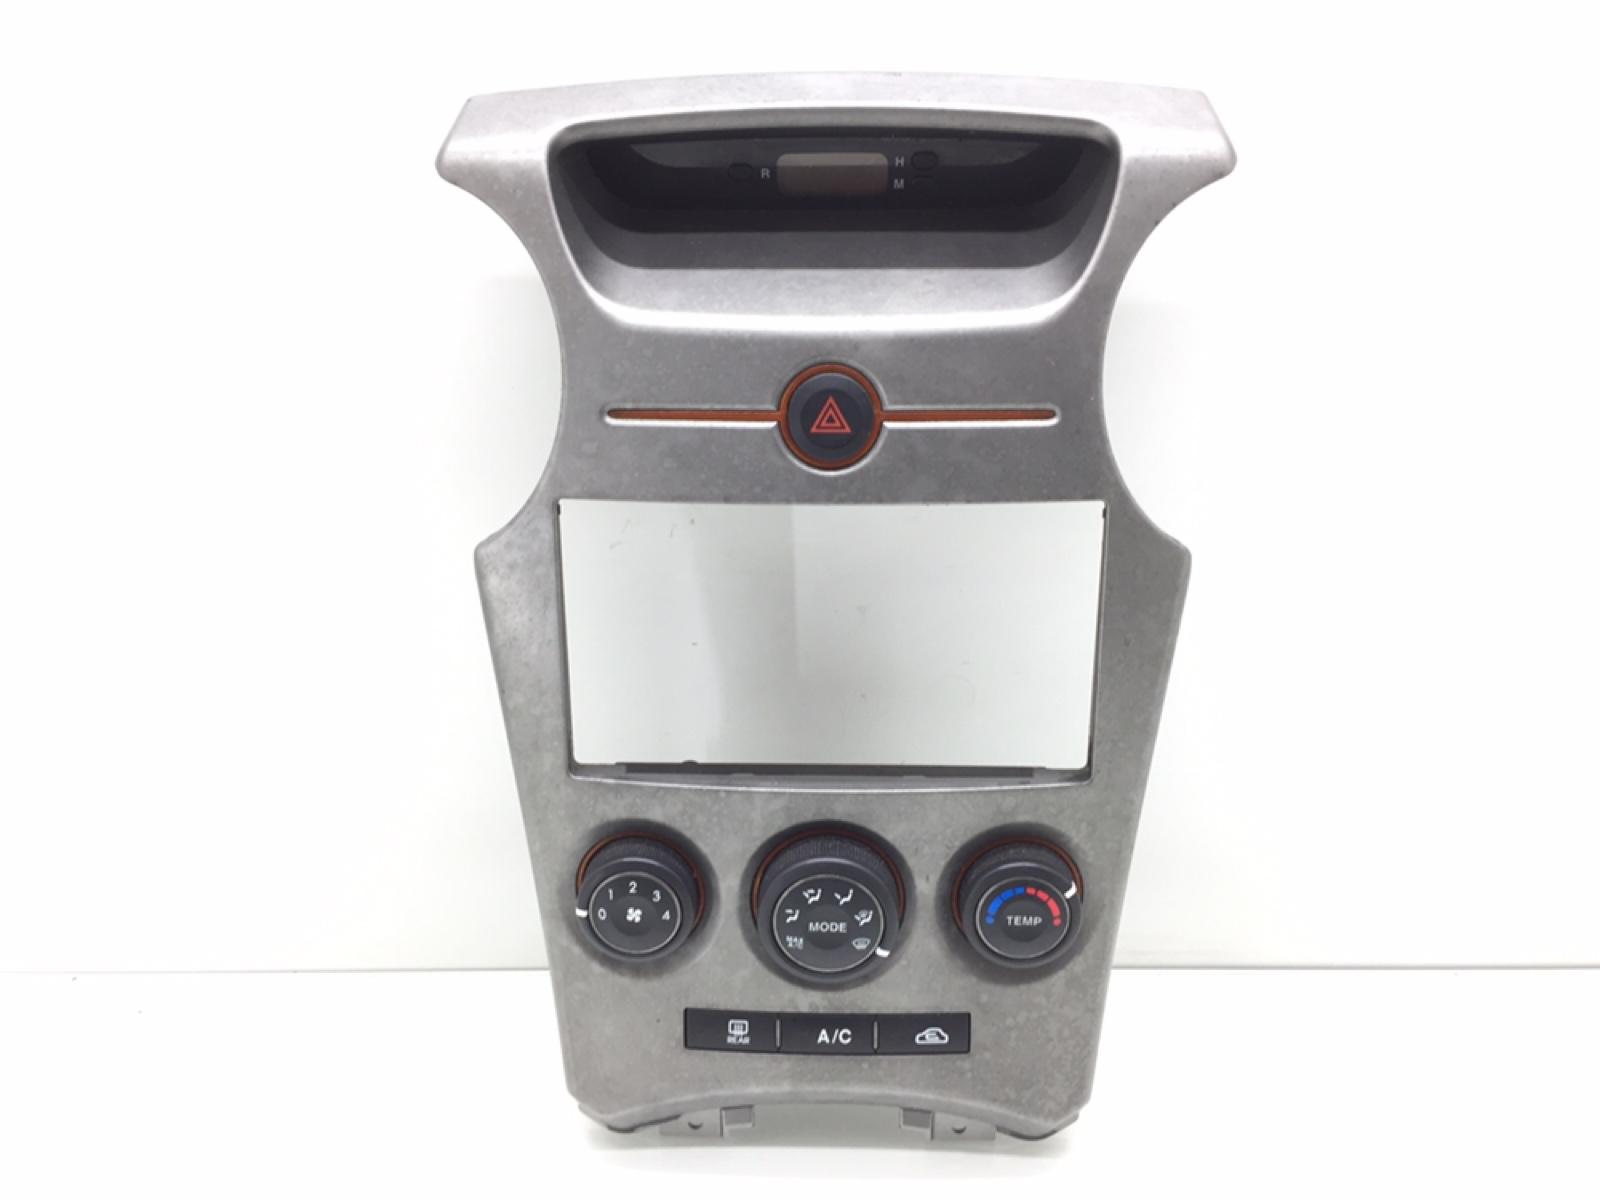 Блок управления печки/климат-контроля Kia Carens 2.0 CRDI 2009 (б/у)